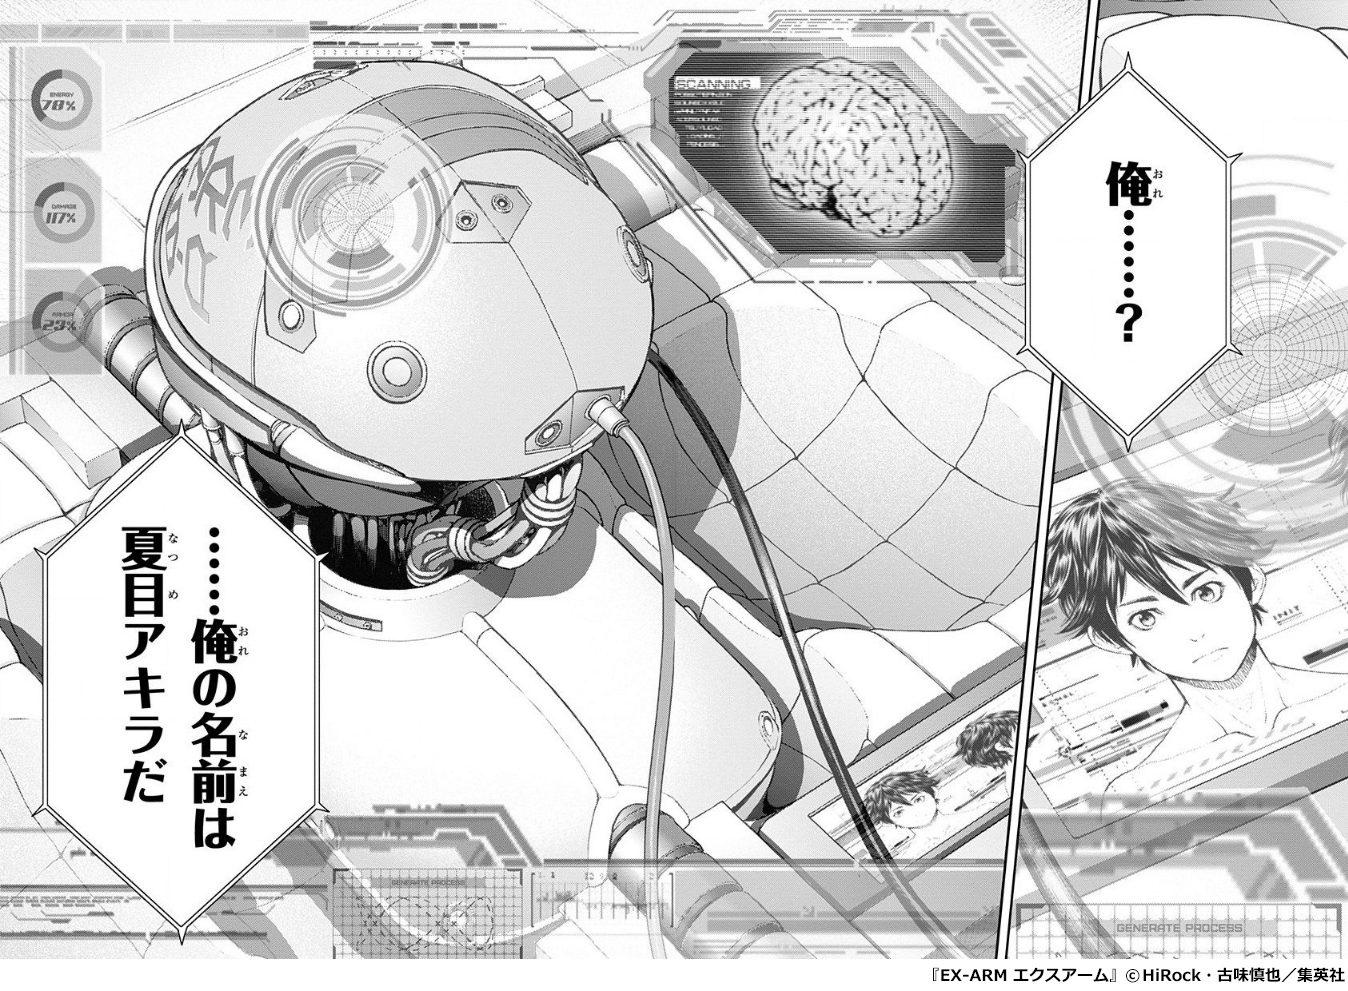 EX-ARM エクスアーム』ハードで楽しいSFクライムバトルの魅力を紹介 ...